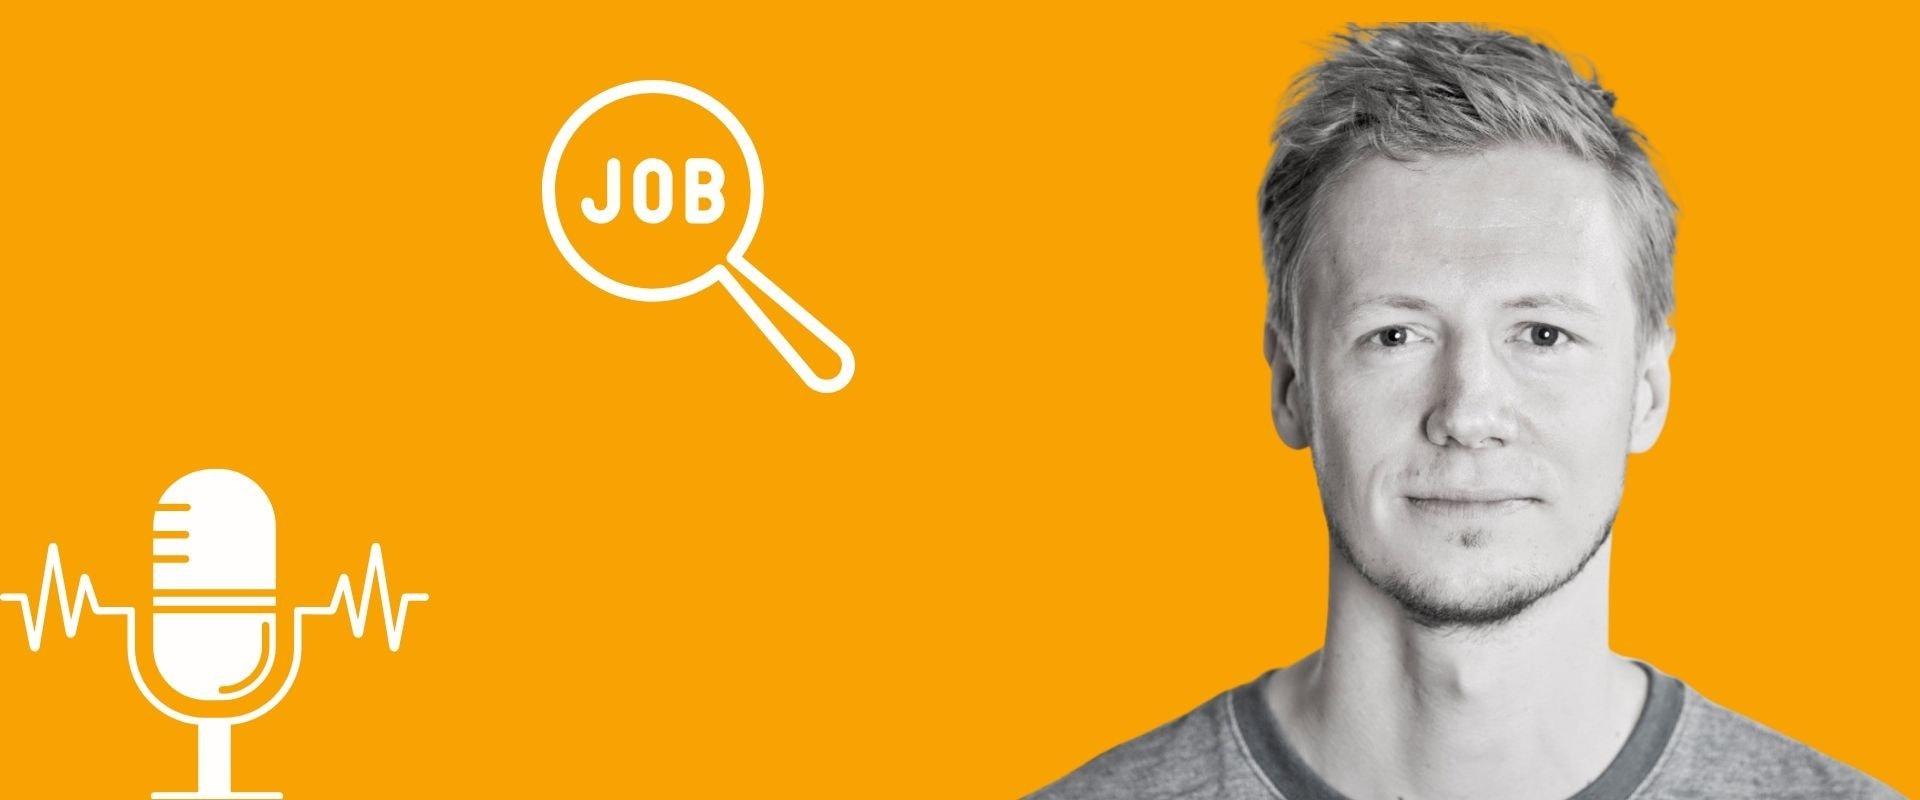 Vier-Tage-Woche: Dein Erfolgsmodell - Alexander Grossmann